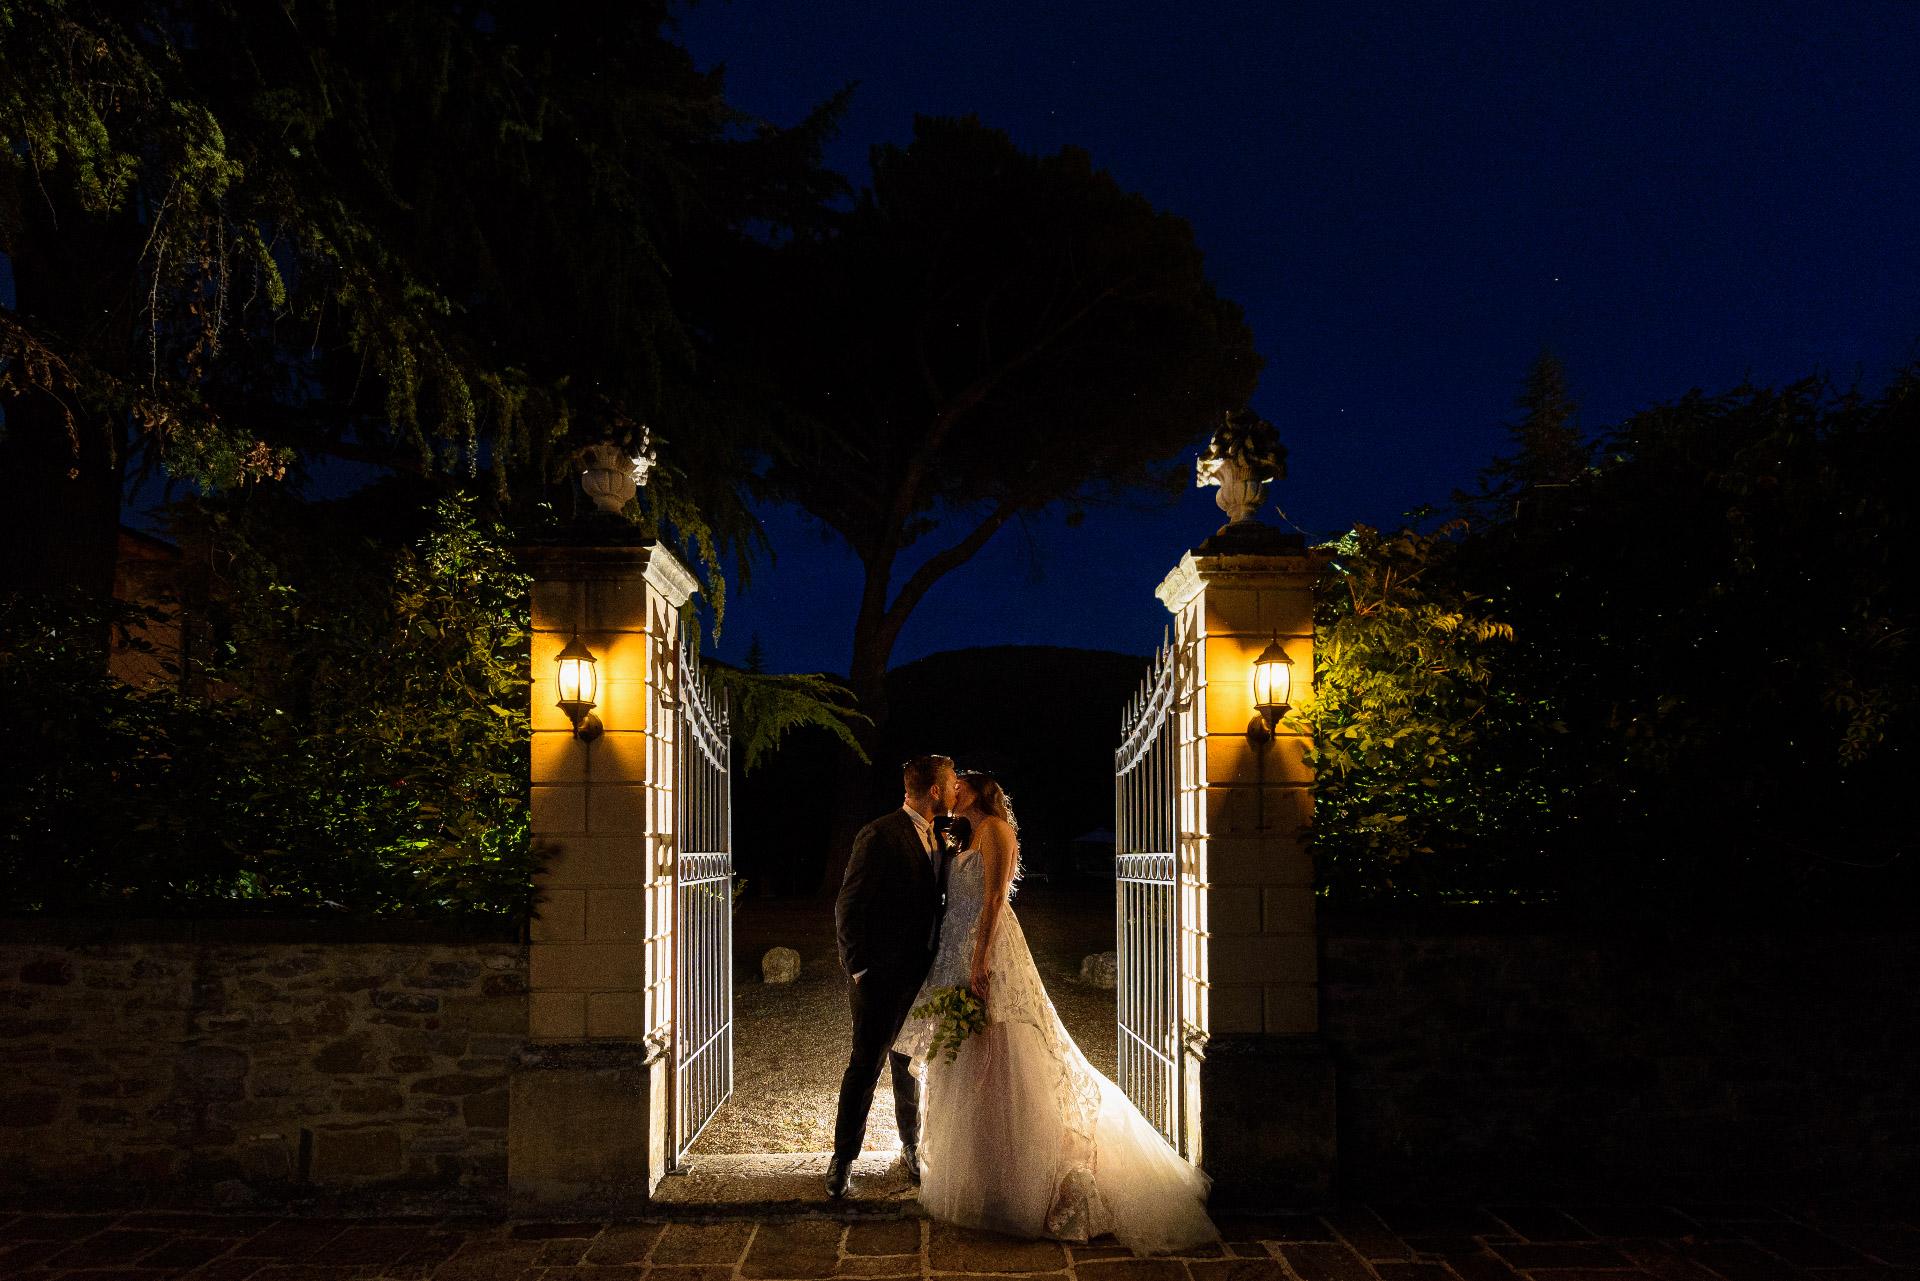 Toskana, IT Hochzeitsporträt der Braut und des Bräutigams | Braut und Bräutigam küssen sich